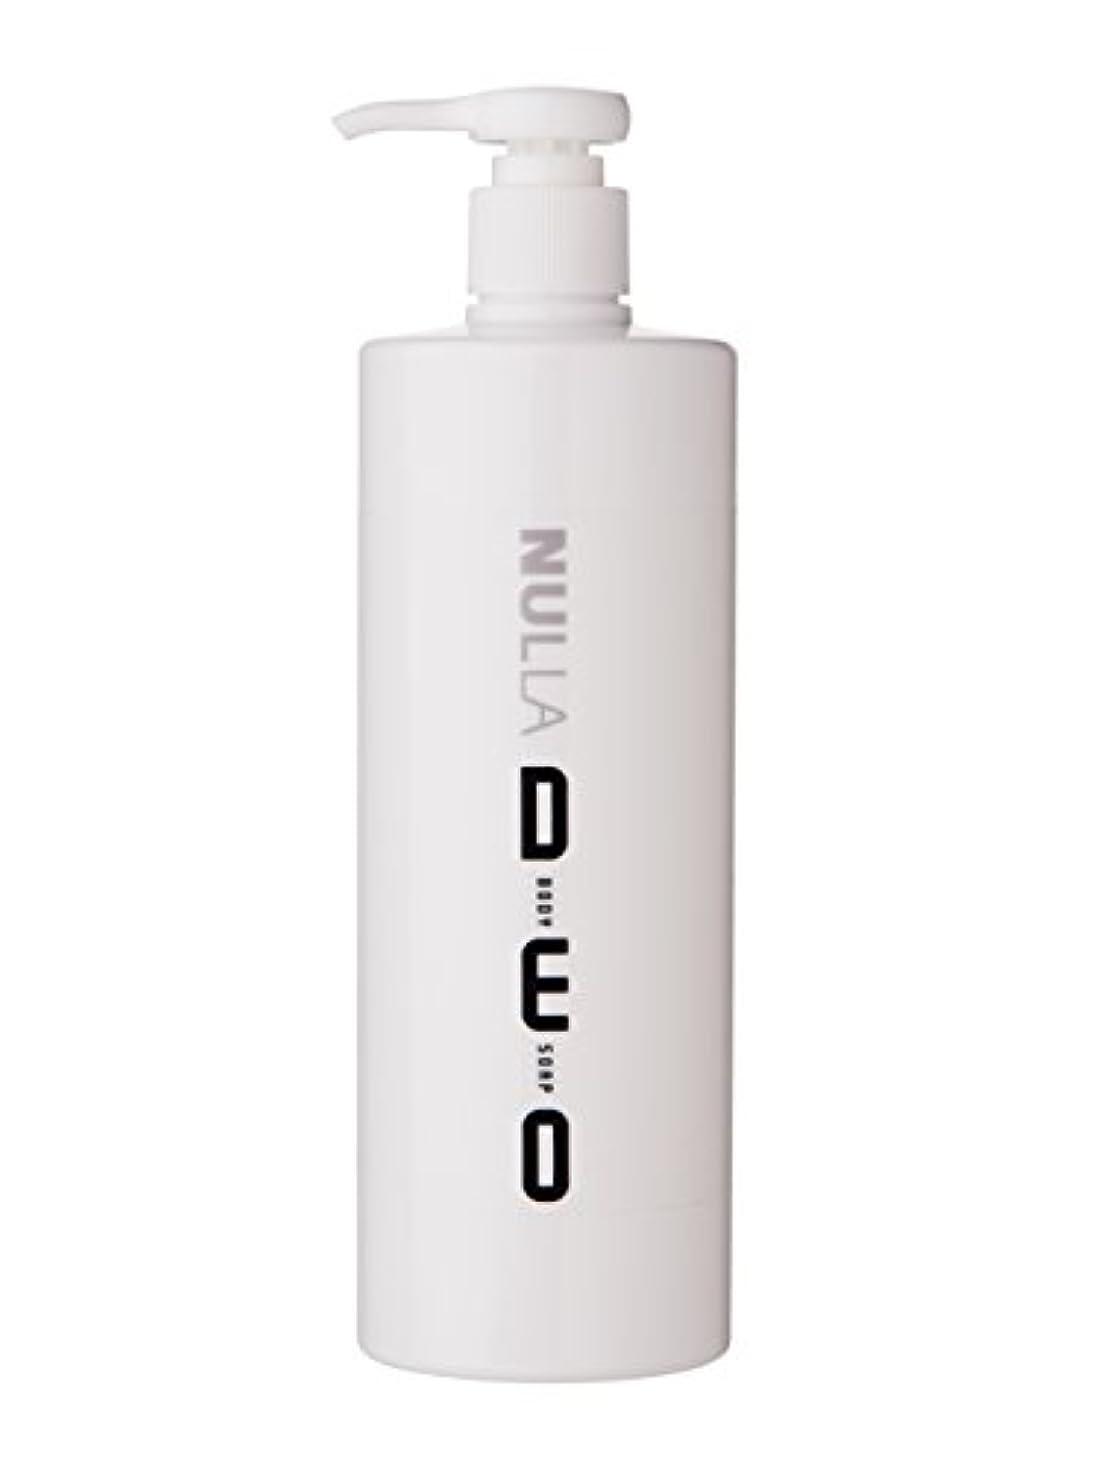 ヒョウ盲目抑圧NULLA(ヌーラ) ヌーラデオ ボディソープ [ニオイ菌を抑制] 500ml 日本製 加齢臭 体臭 対策 シャボンの香り